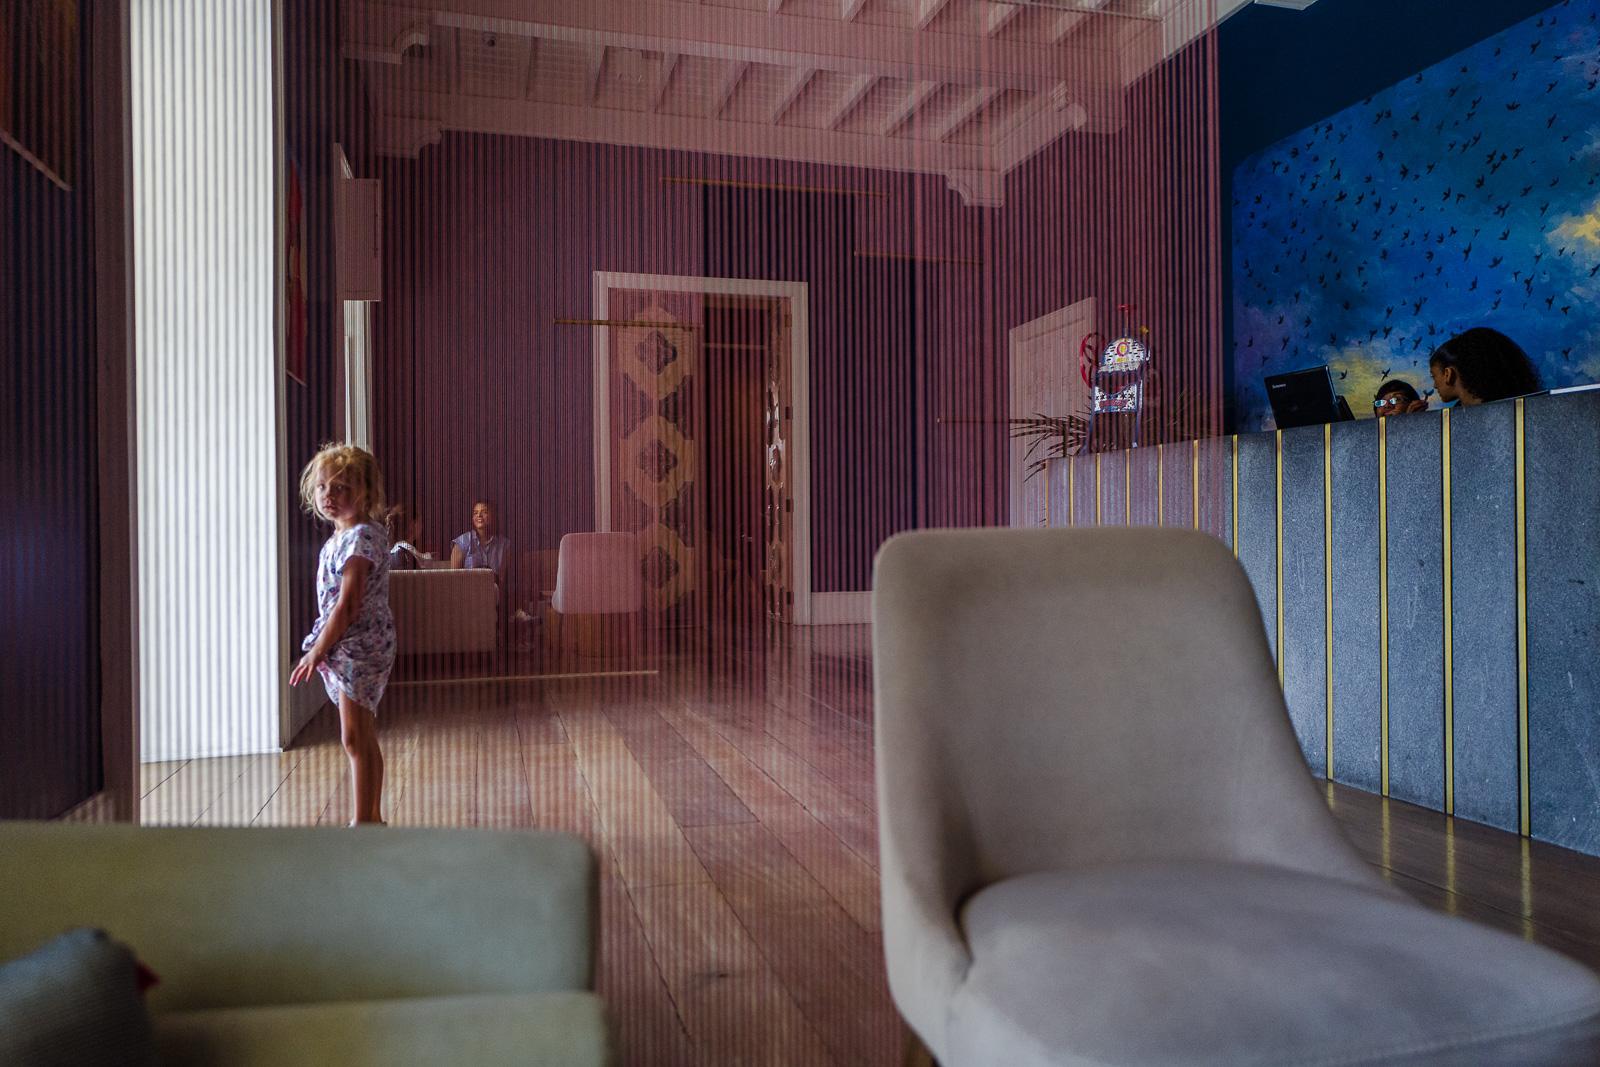 Baggrunde : vindue, arkitektur, børn, værelse, væg, tabel, hus, stol ...